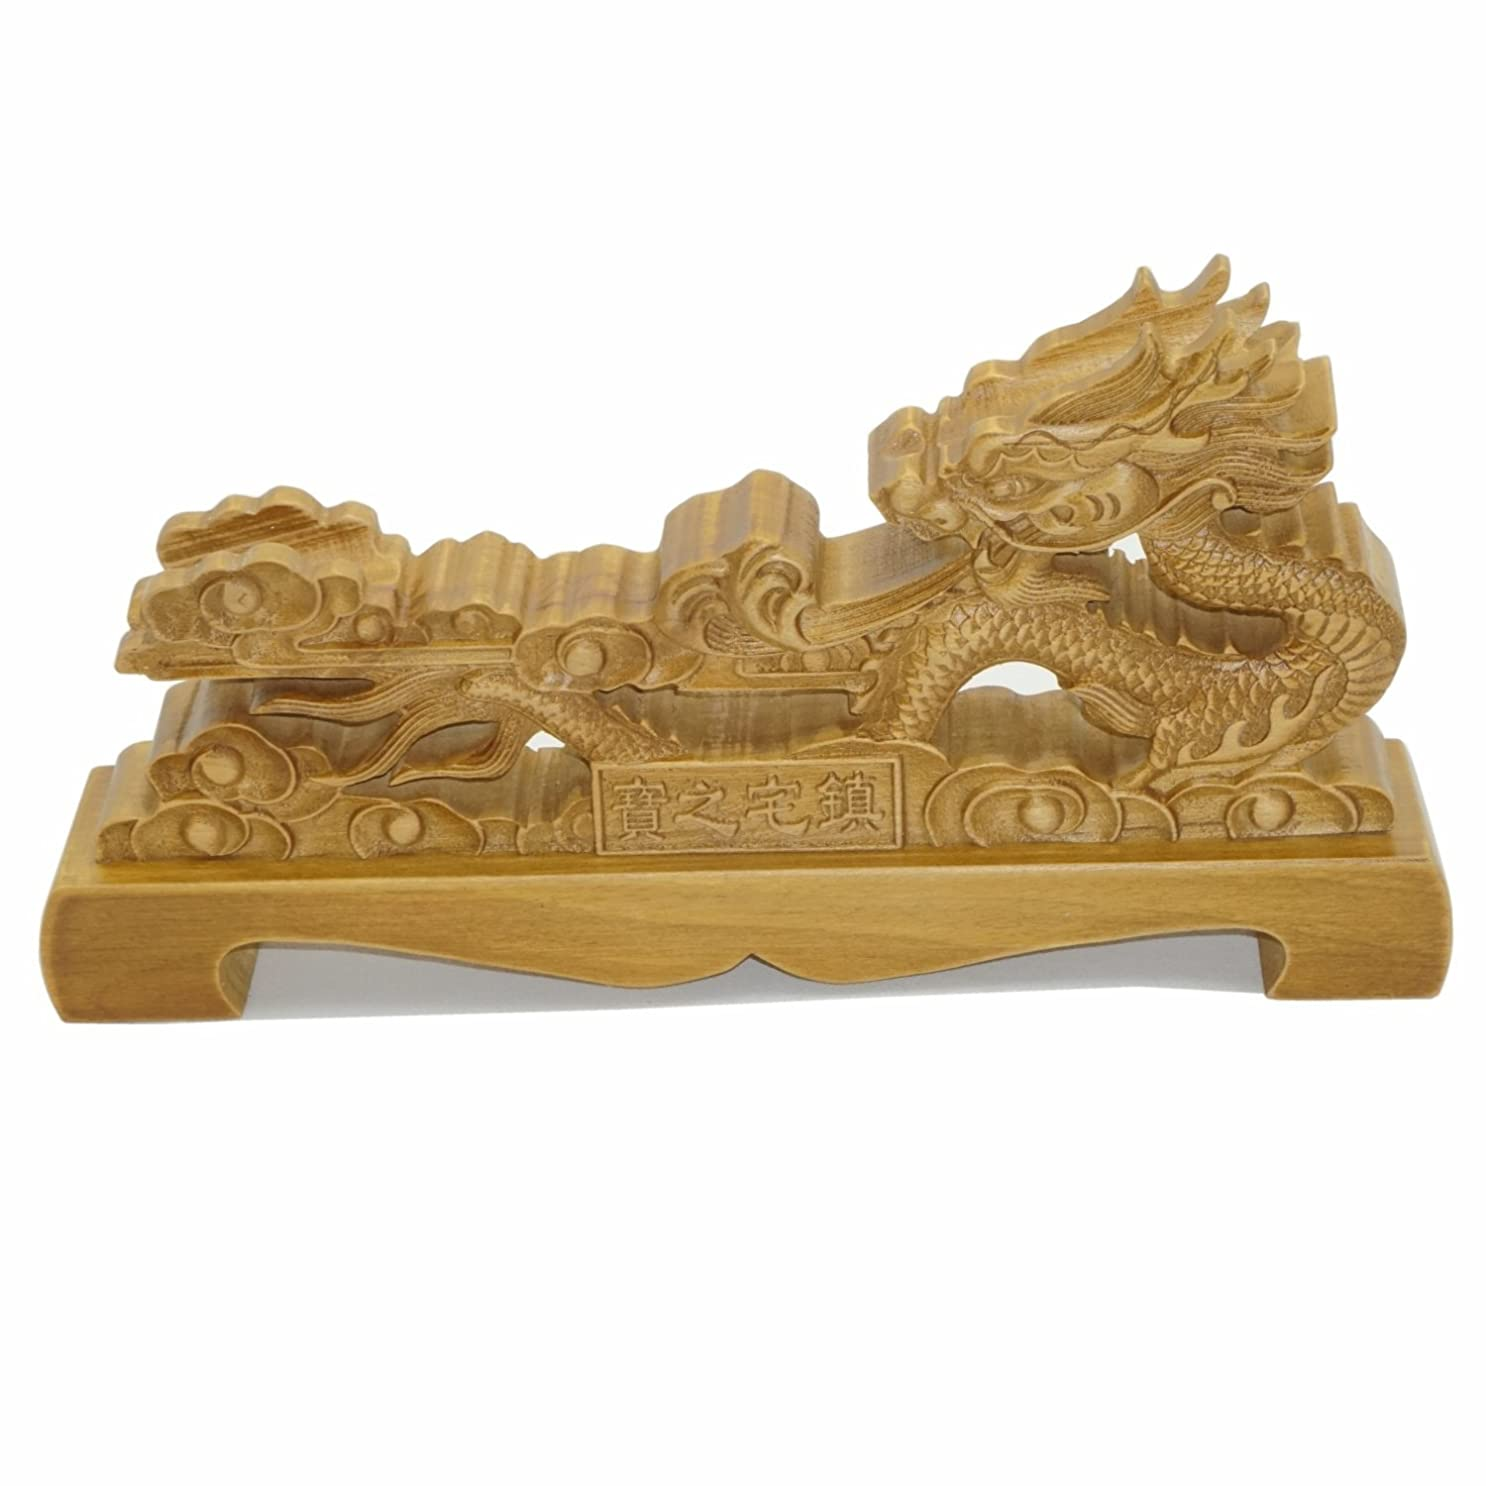 インストール説教する郵便局ドラゴン 刀掛台 木製無垢材 刀掛け 日本刀 模造刀 木刀 居合刀 刀置き 龍木彫り風